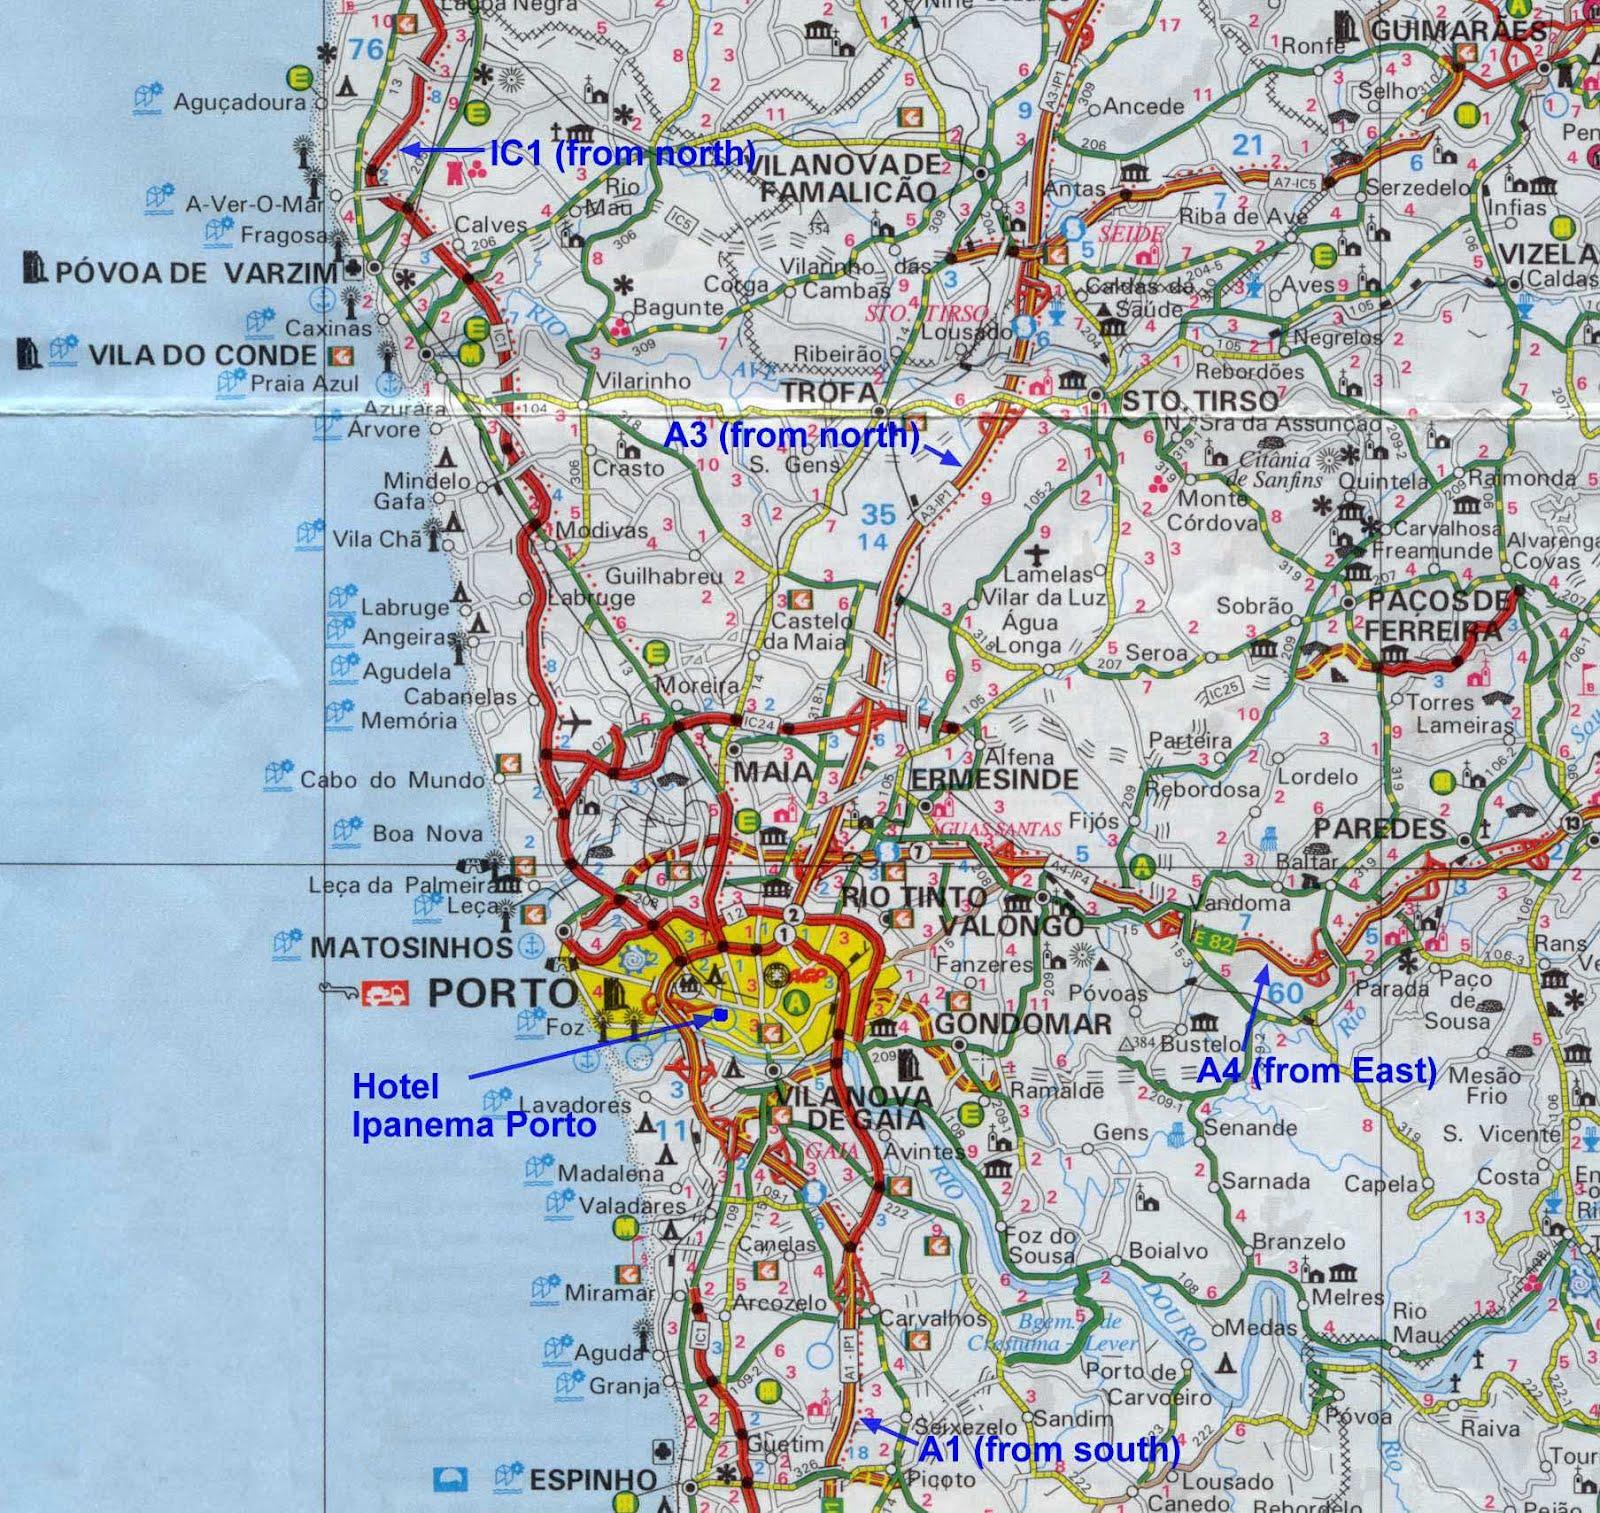 mapa estradas porto Mapas de Porto   Portugal | MapasBlog mapa estradas porto